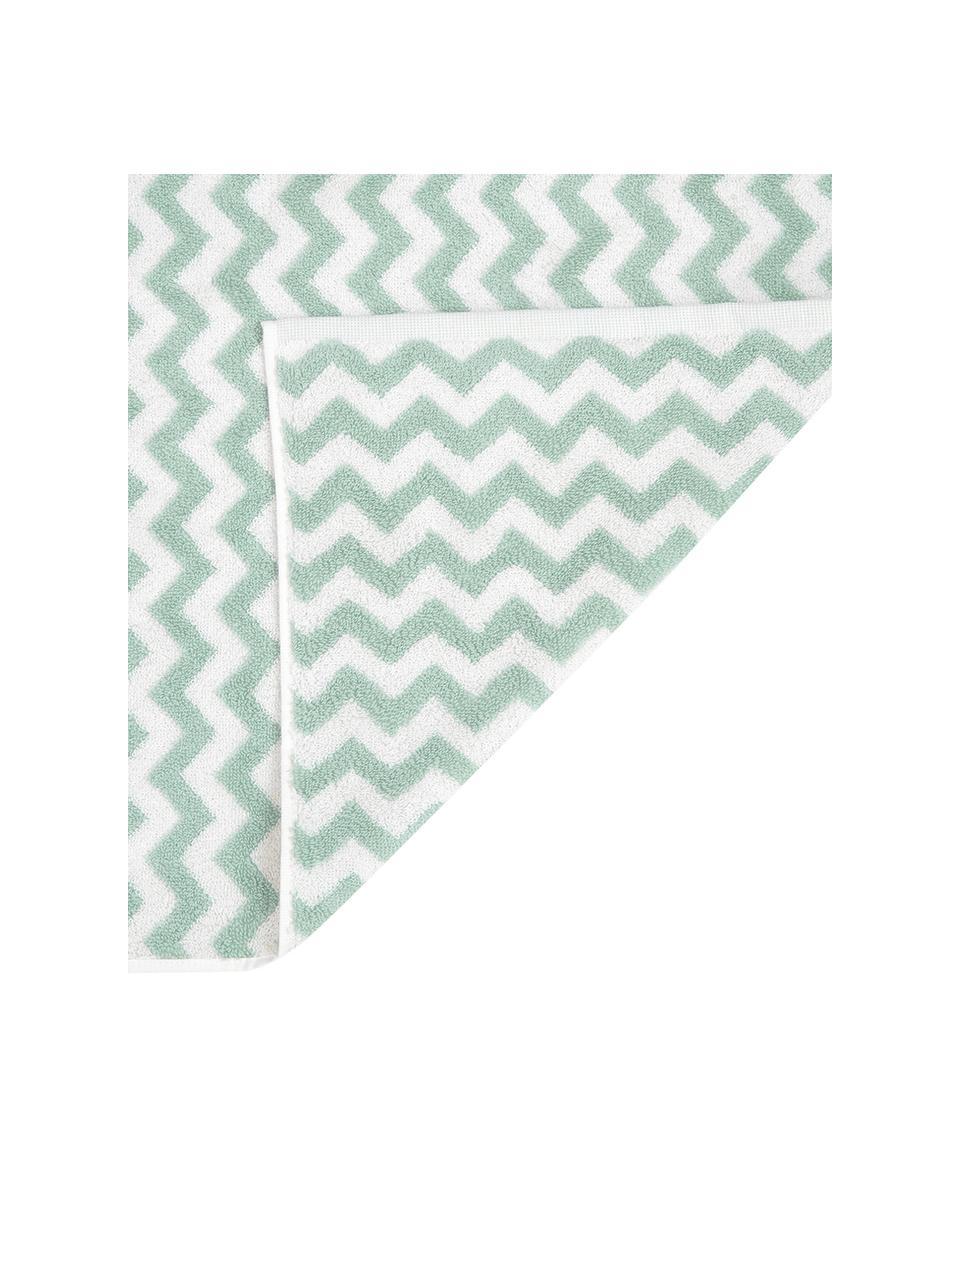 Lot de serviettes de bain imprimé zigzag Liv, 3élém., Vert menthe, blanc crème